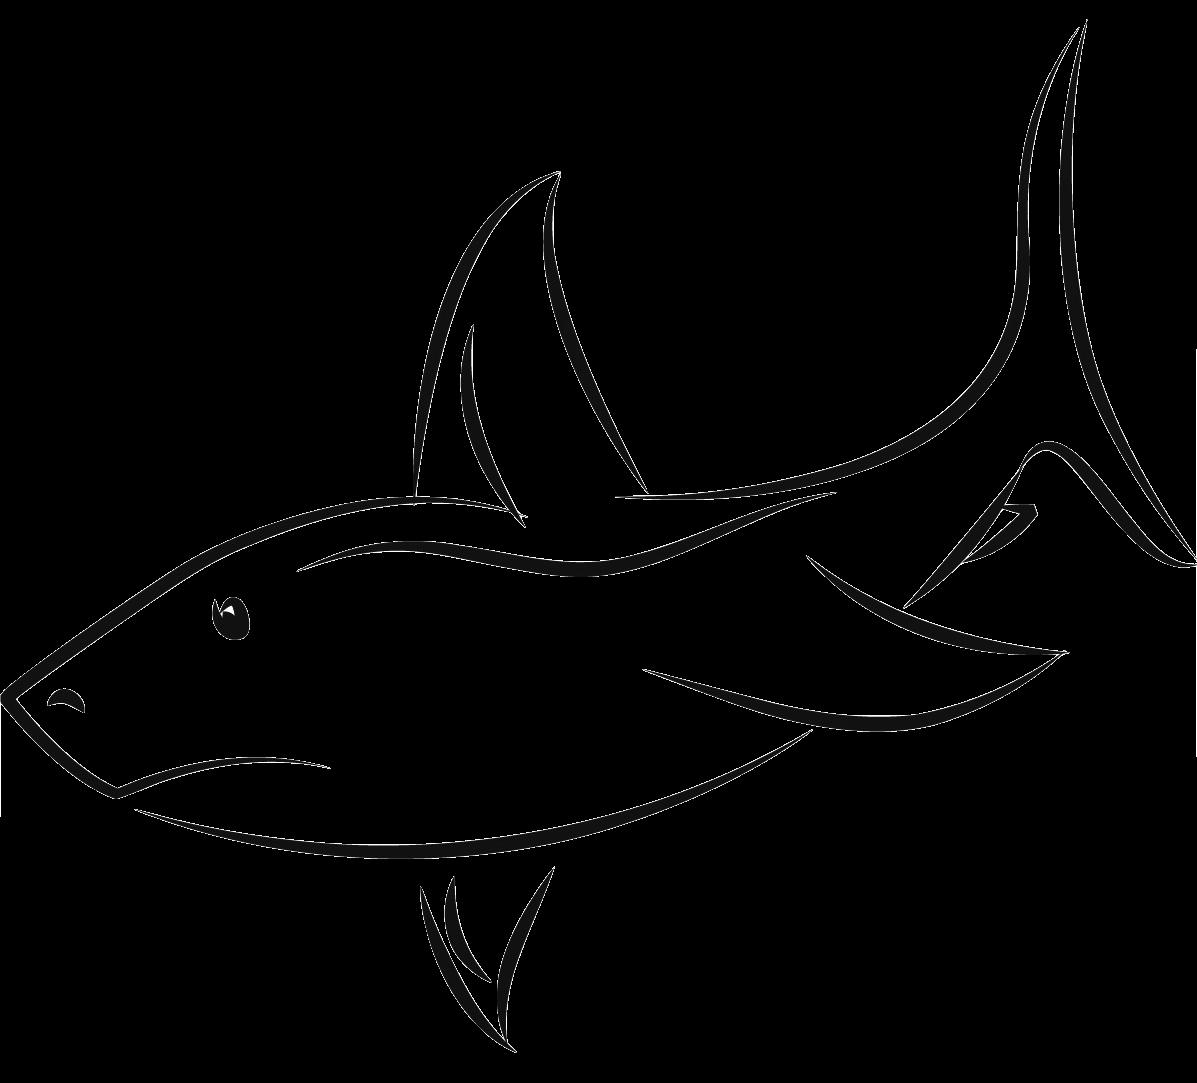 Shark outline clipartblack com. Nemo clipart black and white